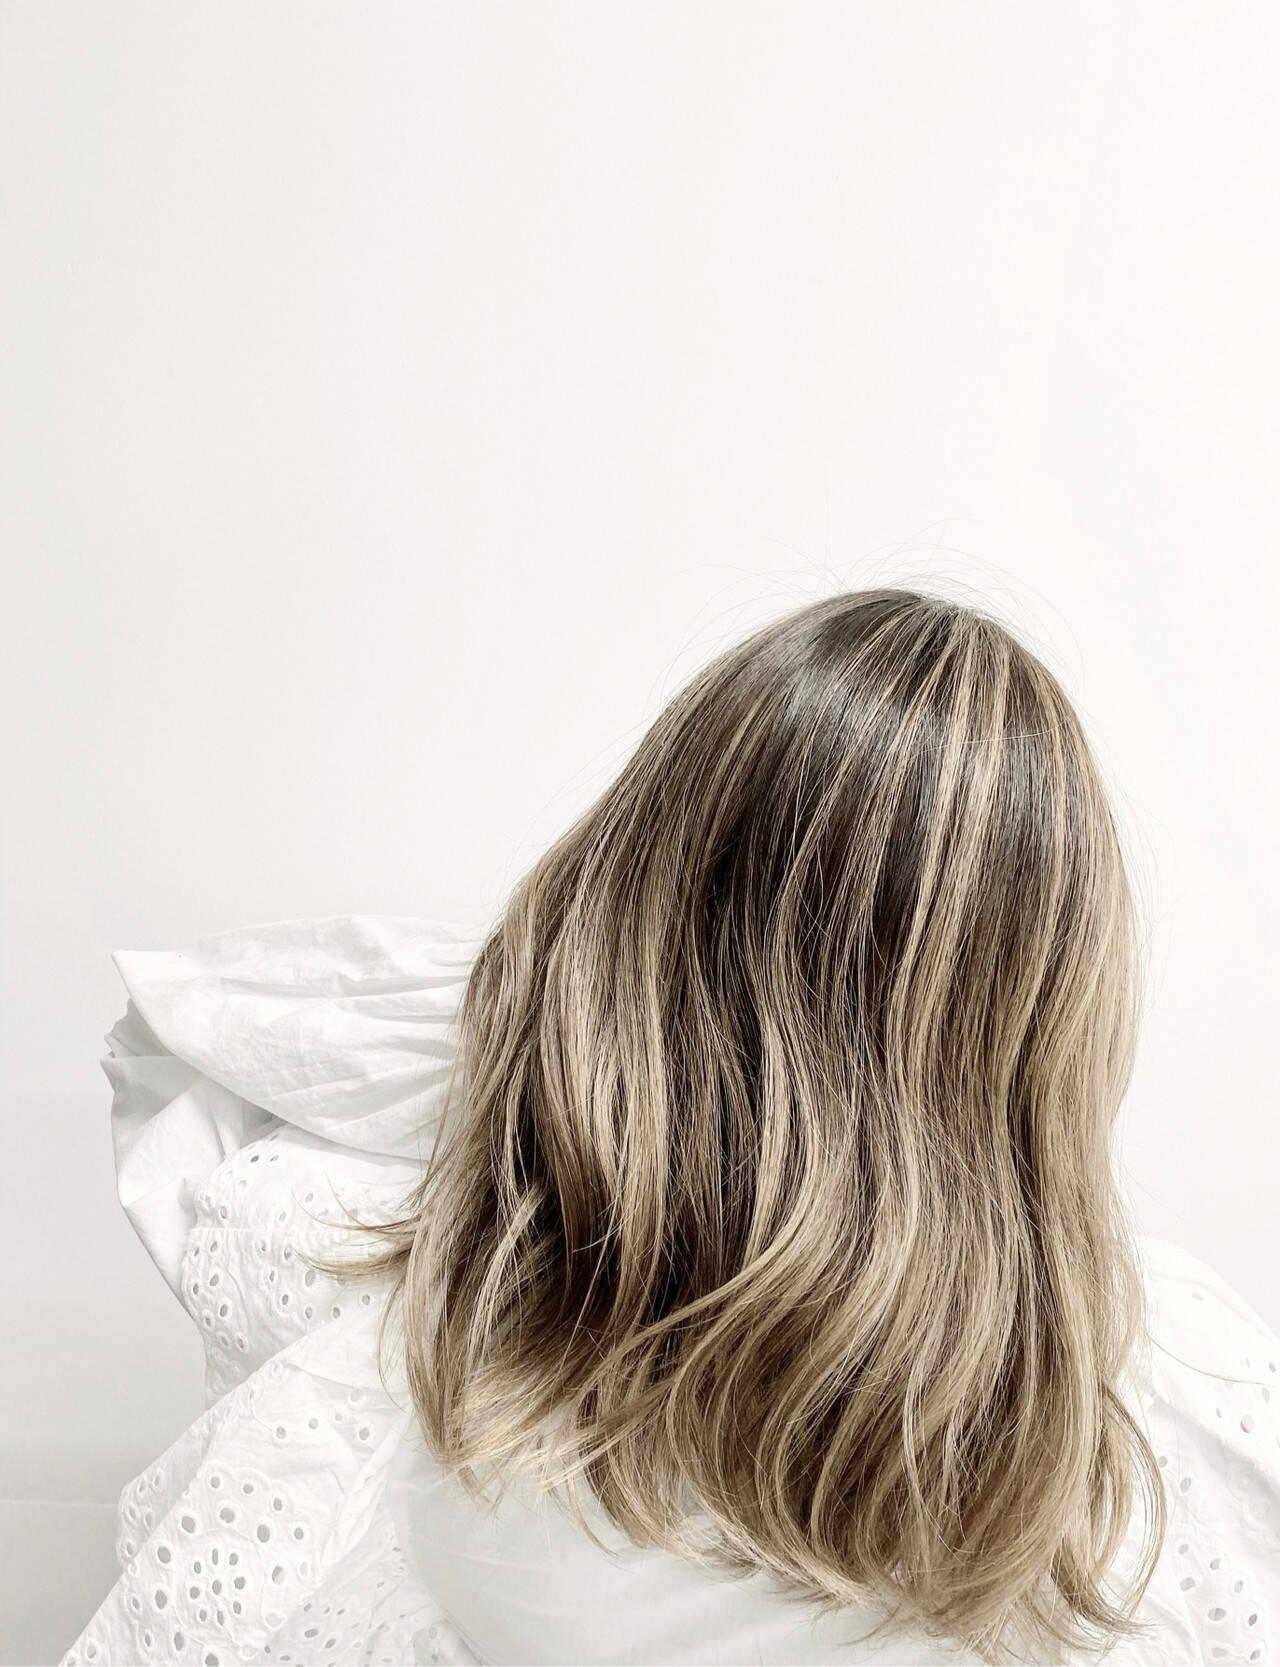 グラデーションカラー 外国人風カラー ブリーチカラー ナチュラルヘアスタイルや髪型の写真・画像